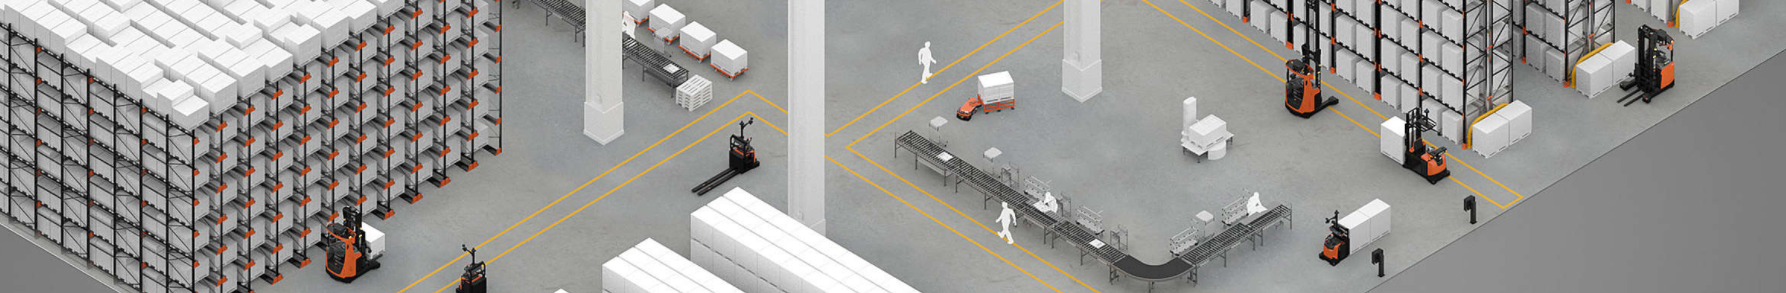 Carretillas elevadoras Toyota automáticas